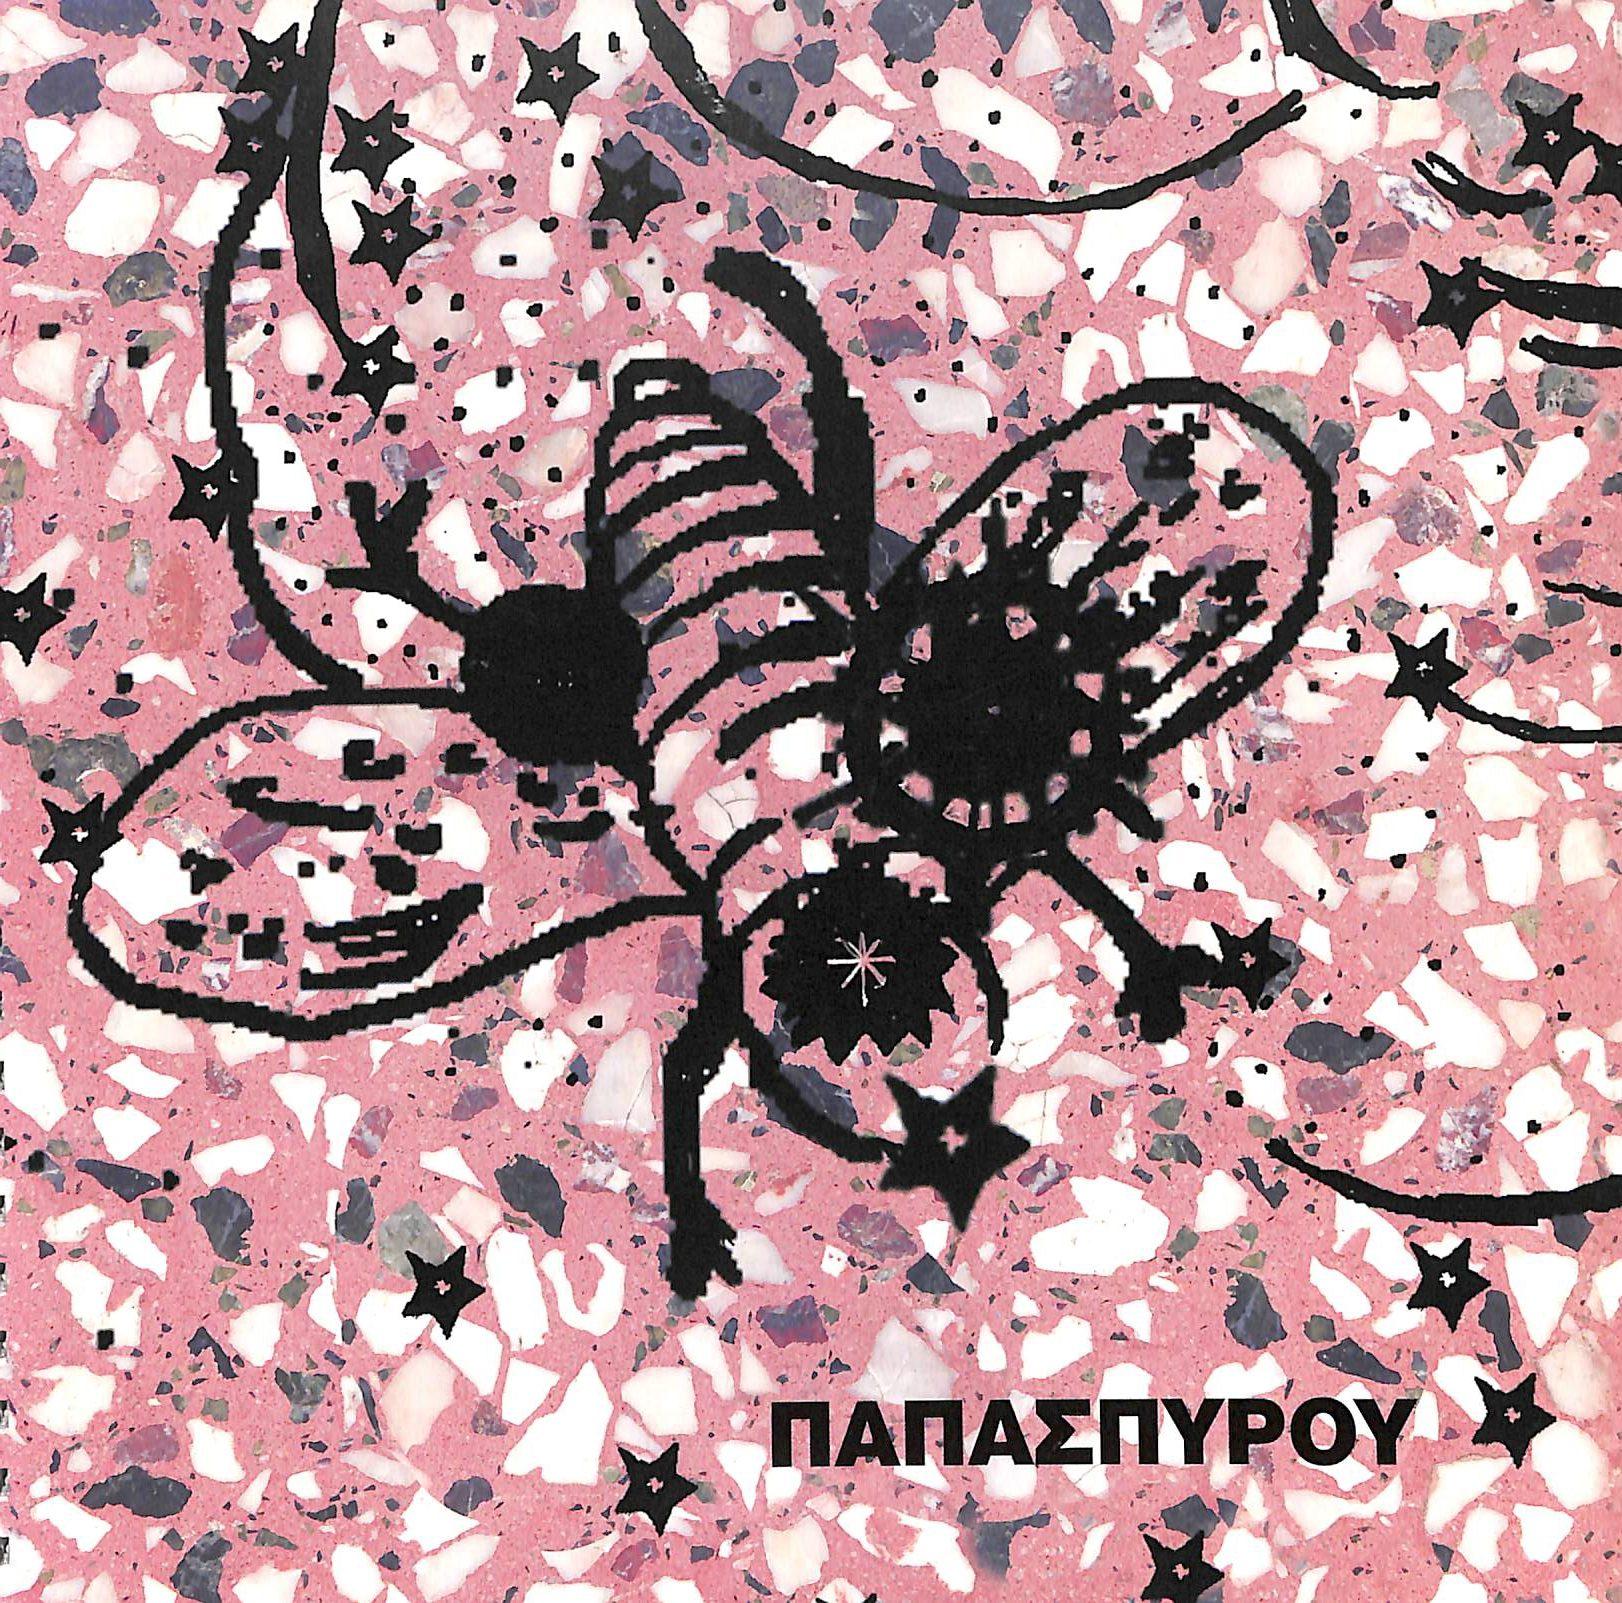 Παπασπύρου, Ρένα, Παπασπύρου/Αστερισμοί: Papaspyrou/Constellation, Αθήνα: BΔ Σήμα, 2004